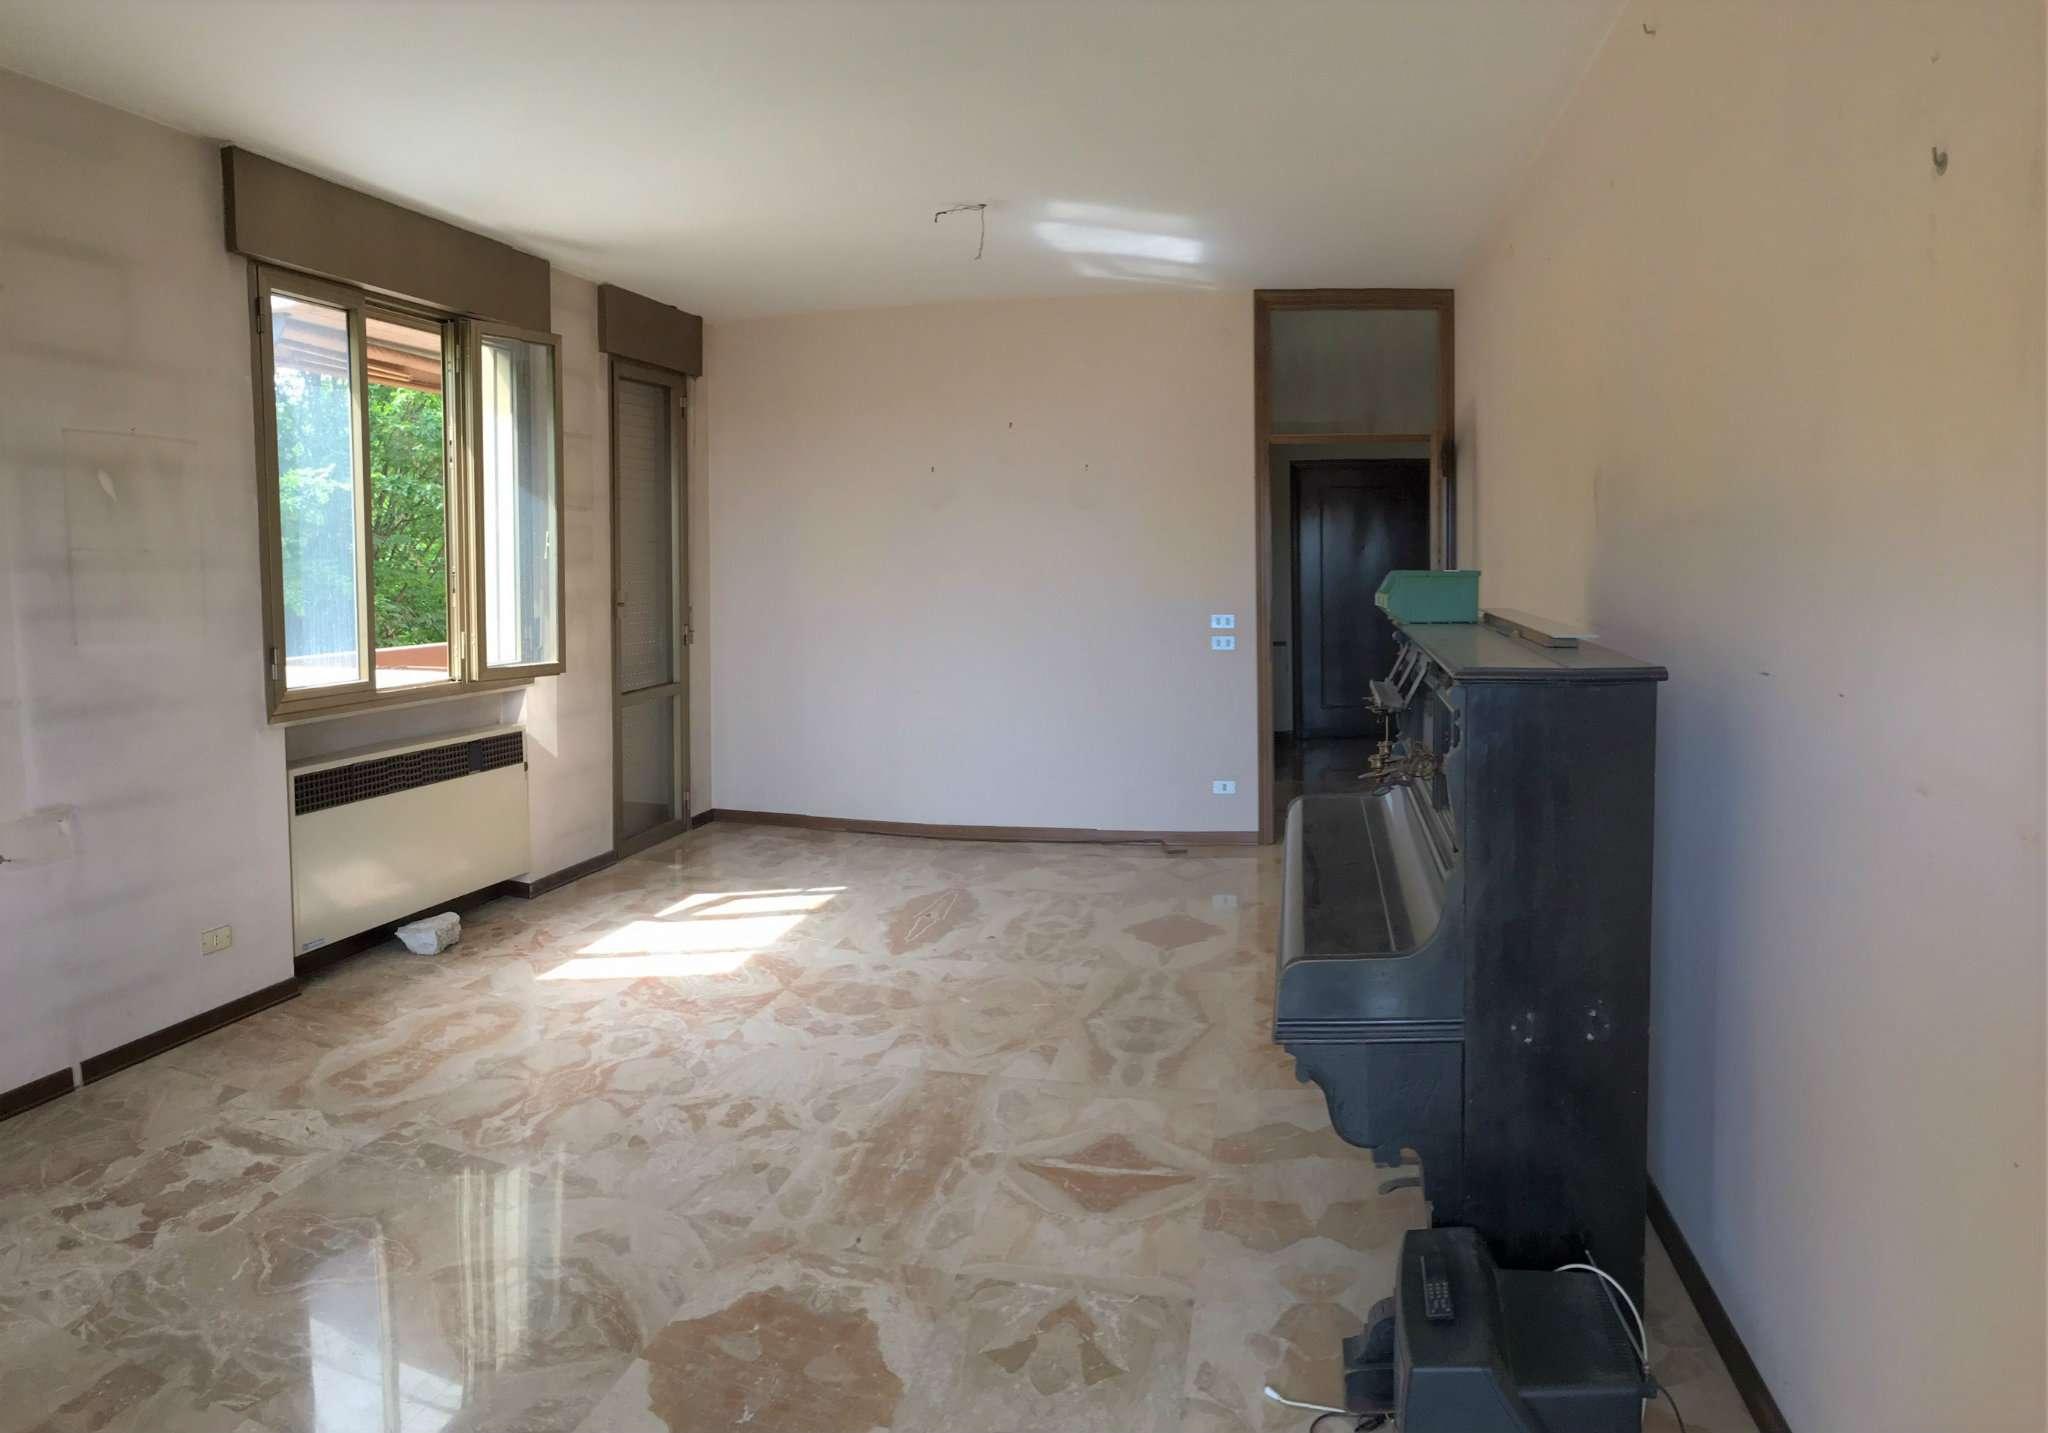 Appartamento in vendita a Mirano, 7 locali, prezzo € 189.000 | Cambio Casa.it